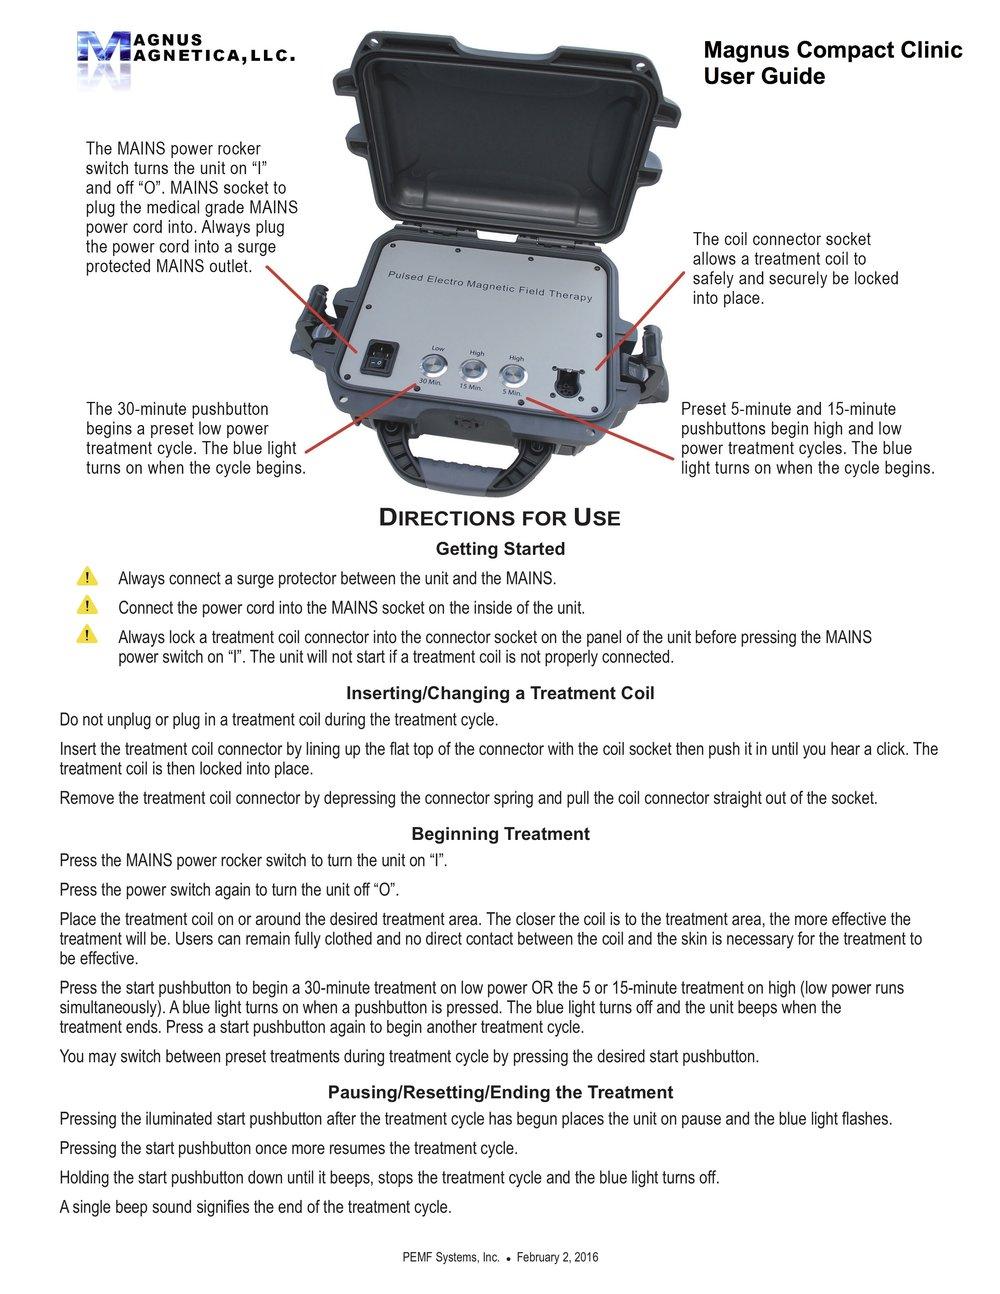 Clinic WP - User Guide.jpg